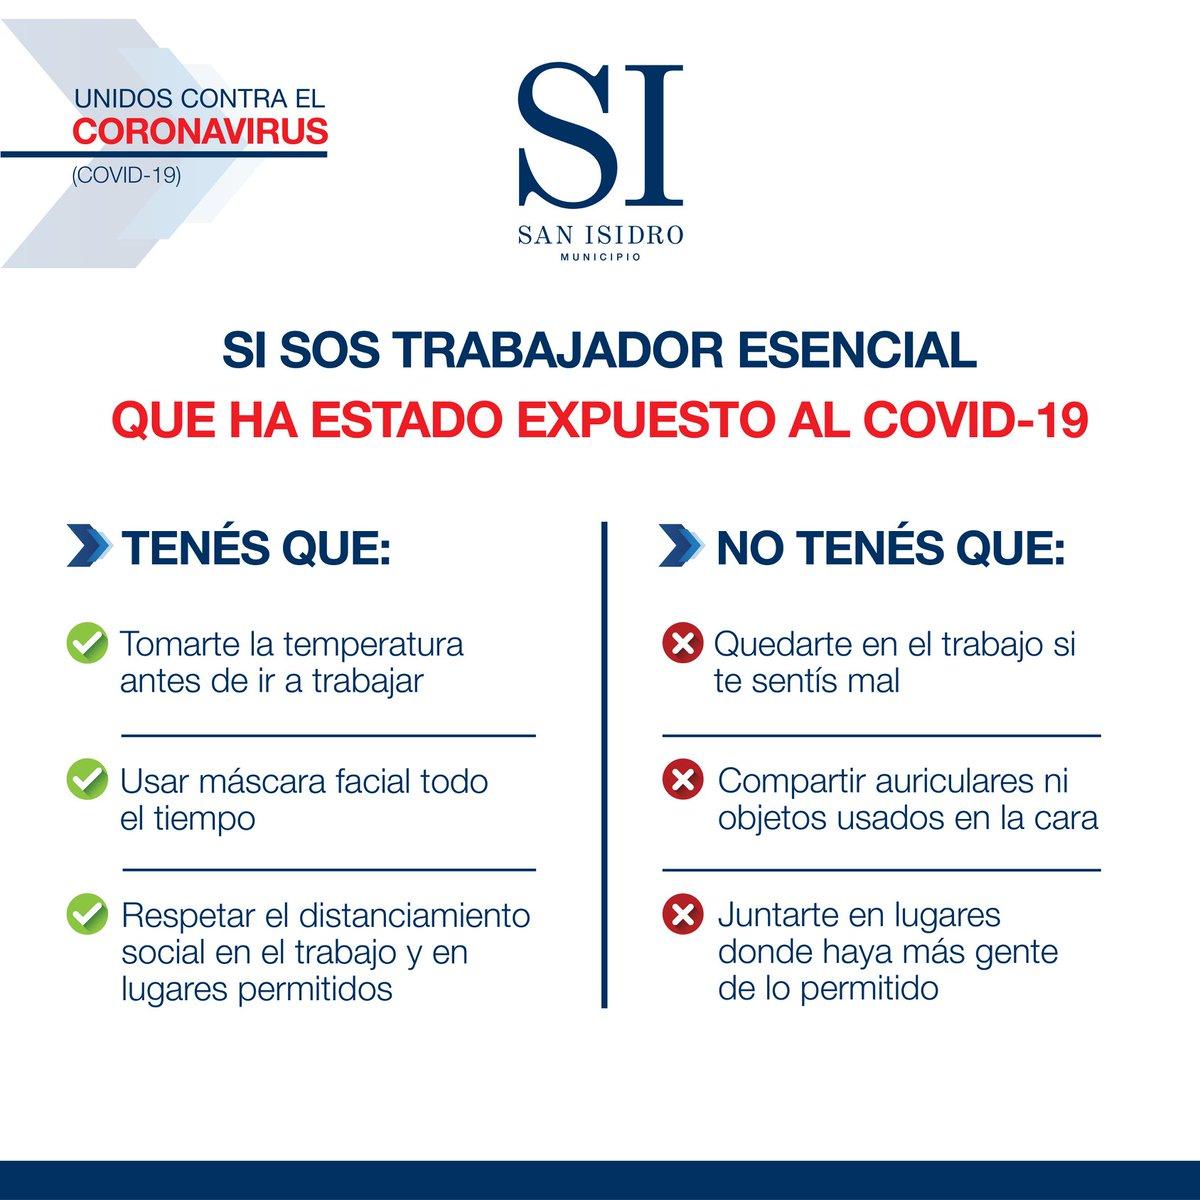 Estas son las cifras de coronavirus en San Isidro al 03/07/20: -Confirmados: 839 -Descartados: 3002 -En estudio: 243 -Recuperados: 234 -Fallecidos: 18 -Activos: 587 https://t.co/gzBHkJiSGA